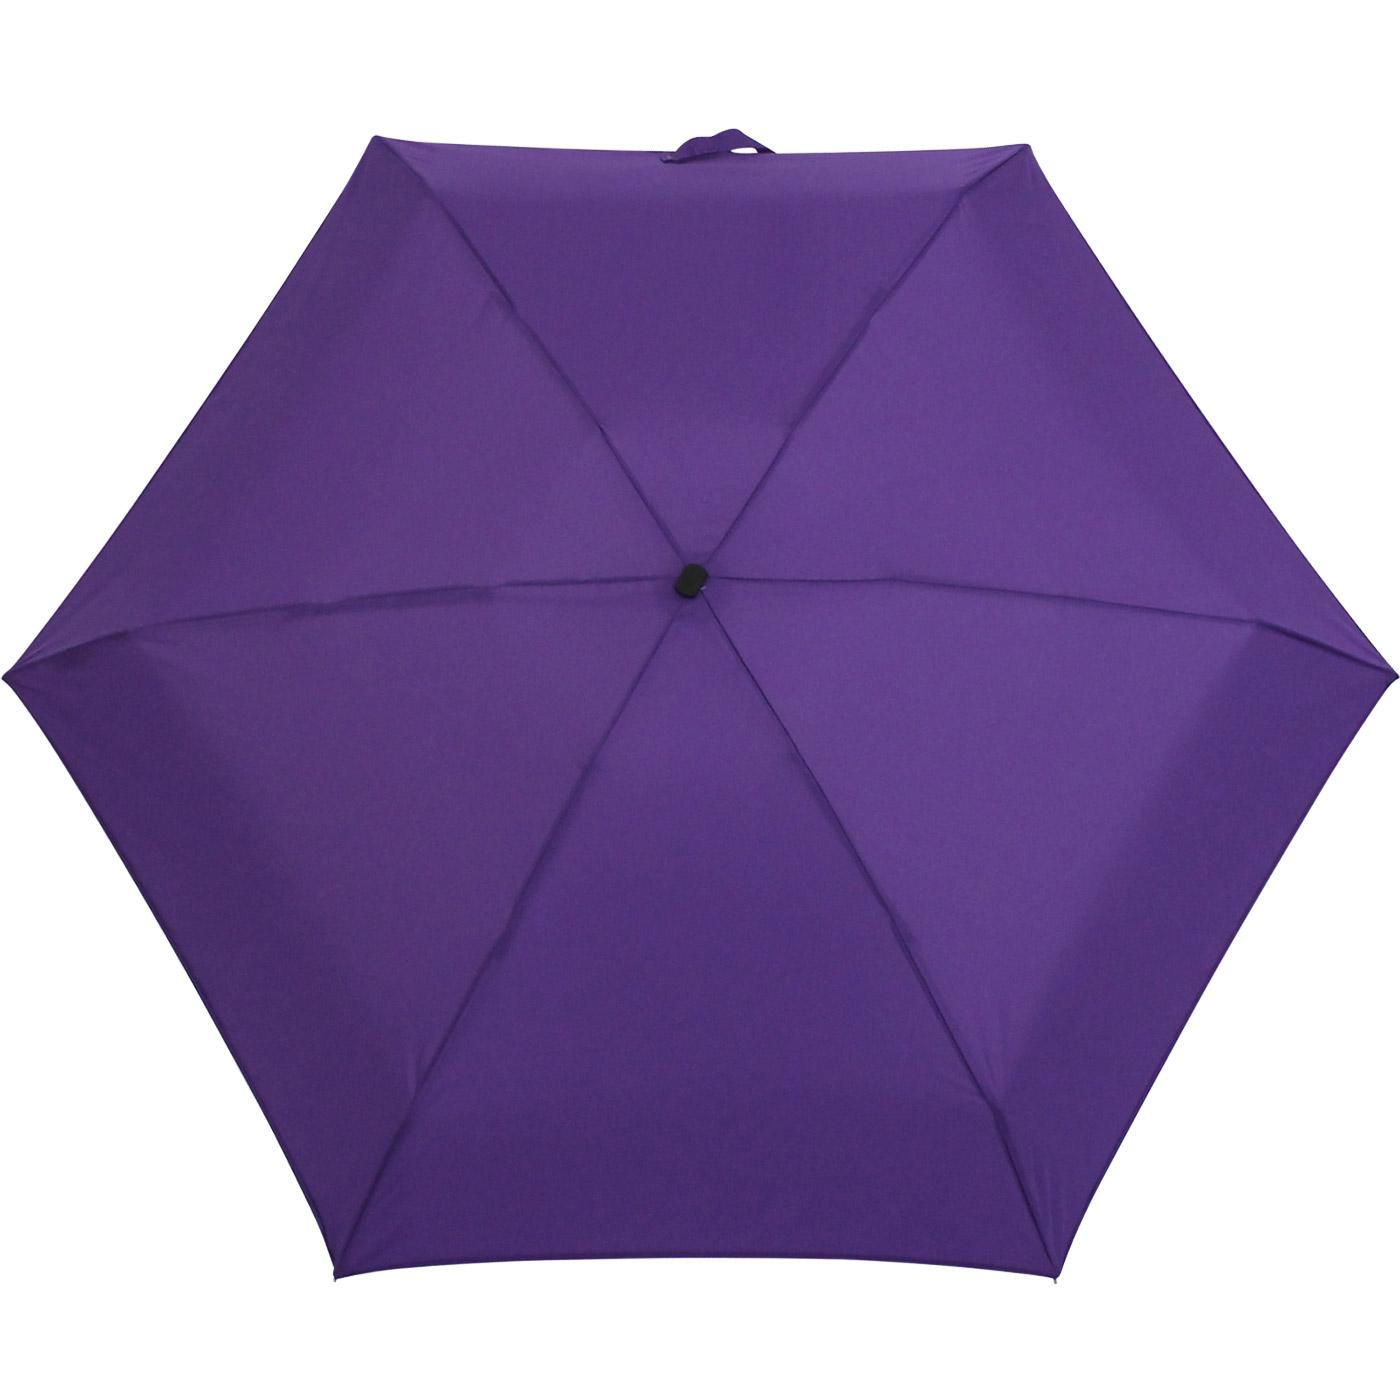 Regenschirm-Super-Mini-Taschenschirm-Damen-Herren-winzig-klein-leicht-im-Etui Indexbild 58